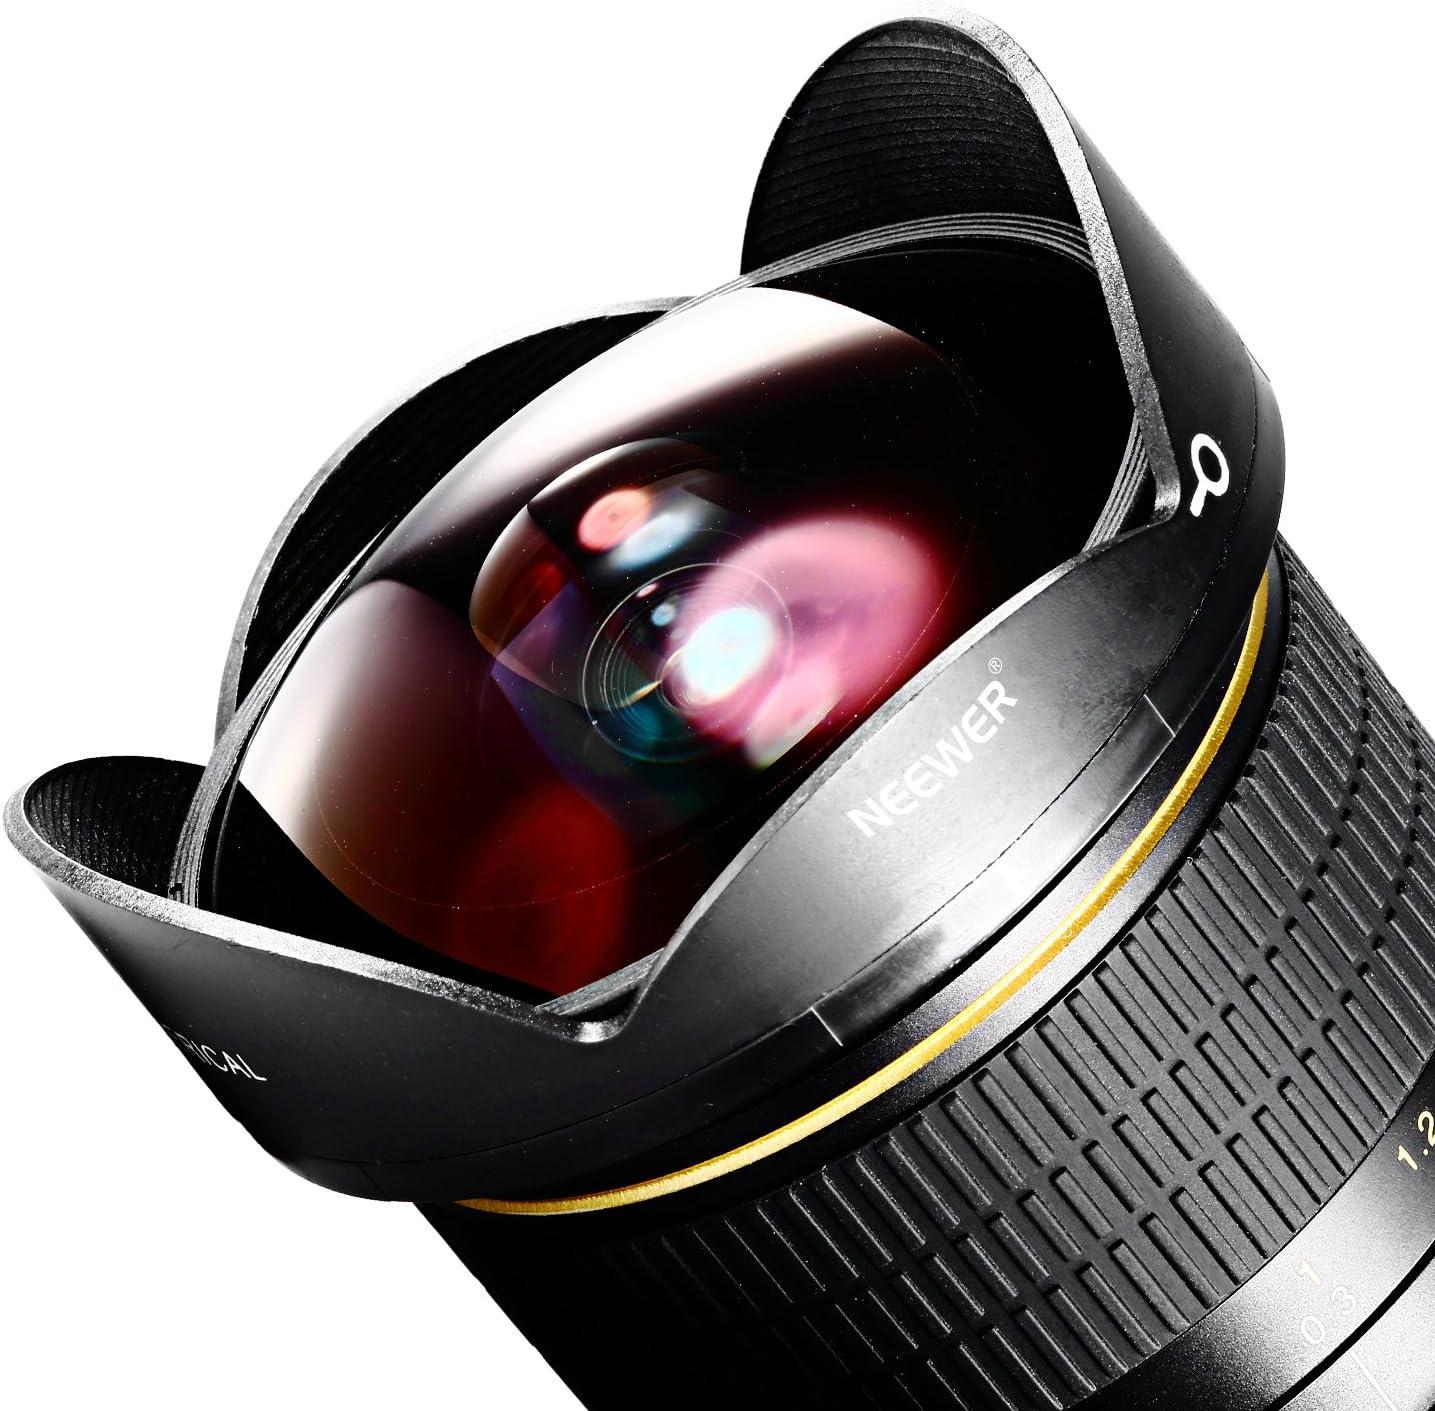 Lenses Camera & Photo ghdonat.com 70D T7i T7s Neewer 8mm f/3.5-22 ...